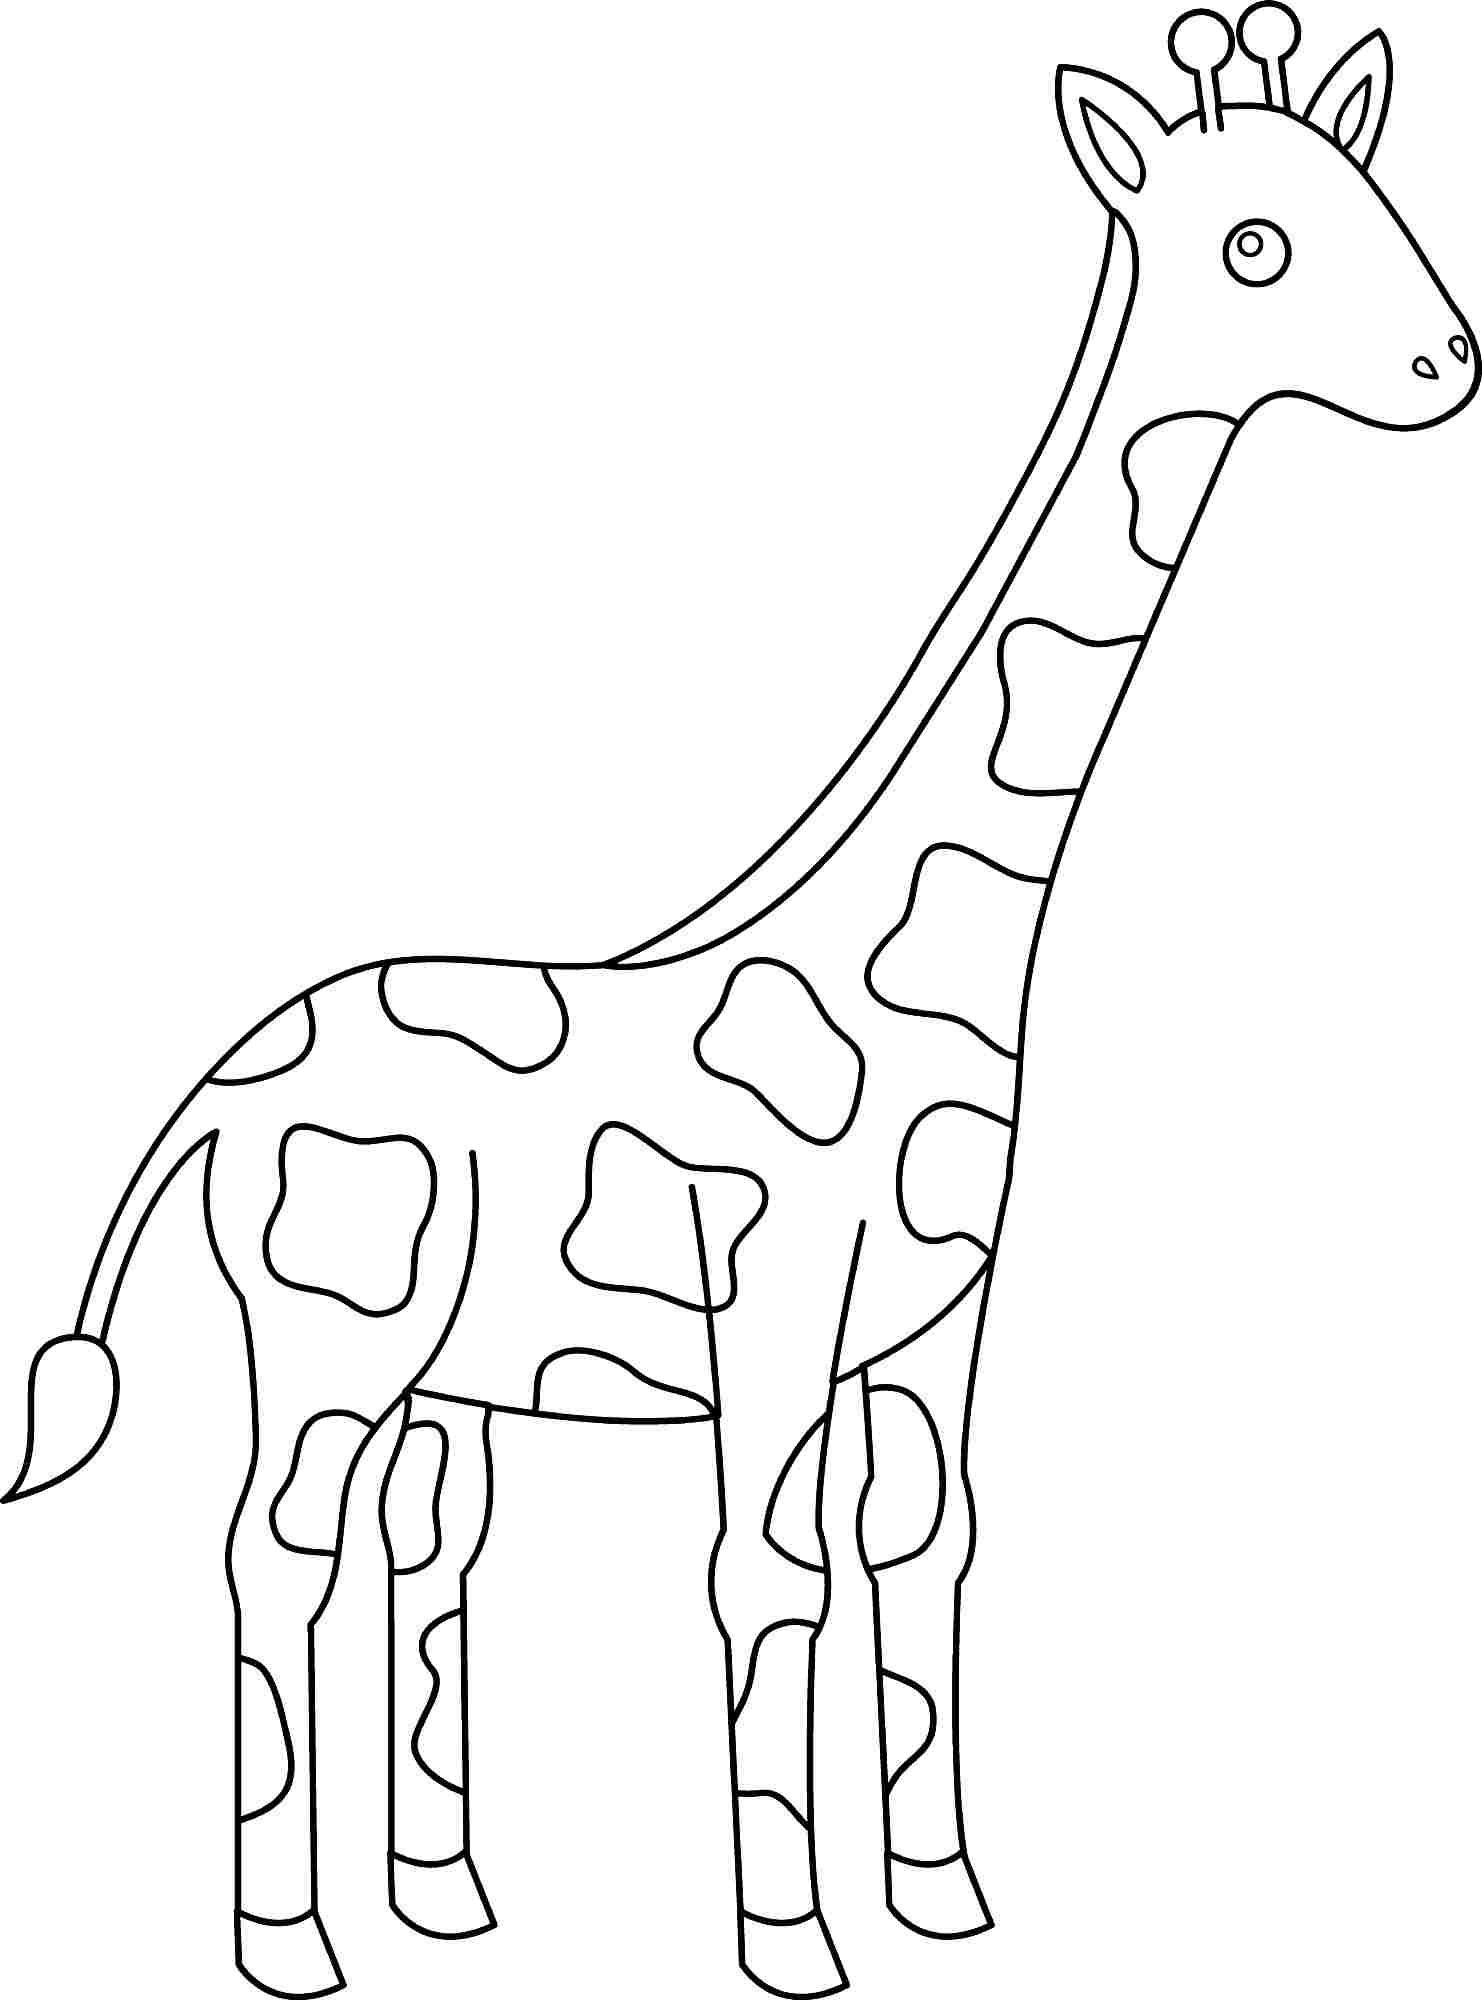 Cartoon Giraffe Drawing At Getdrawings